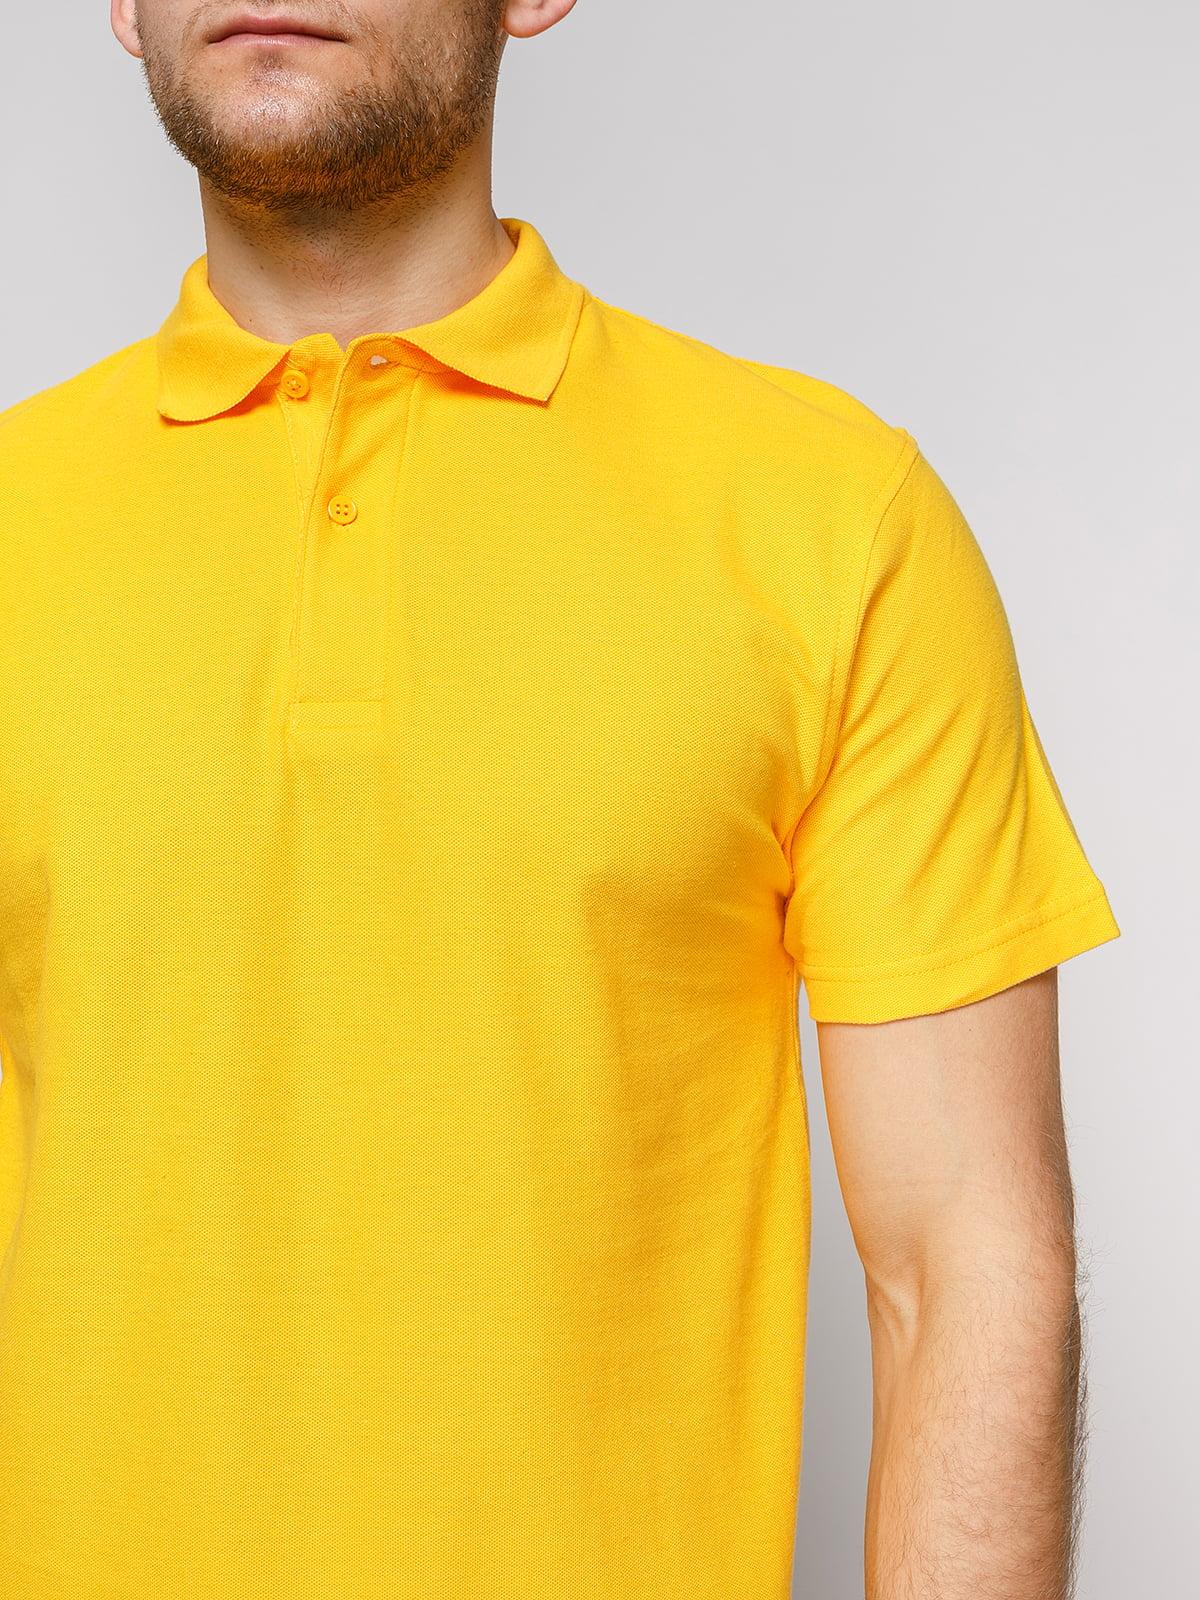 Футболка-поло желтая | 4812196 | фото 3